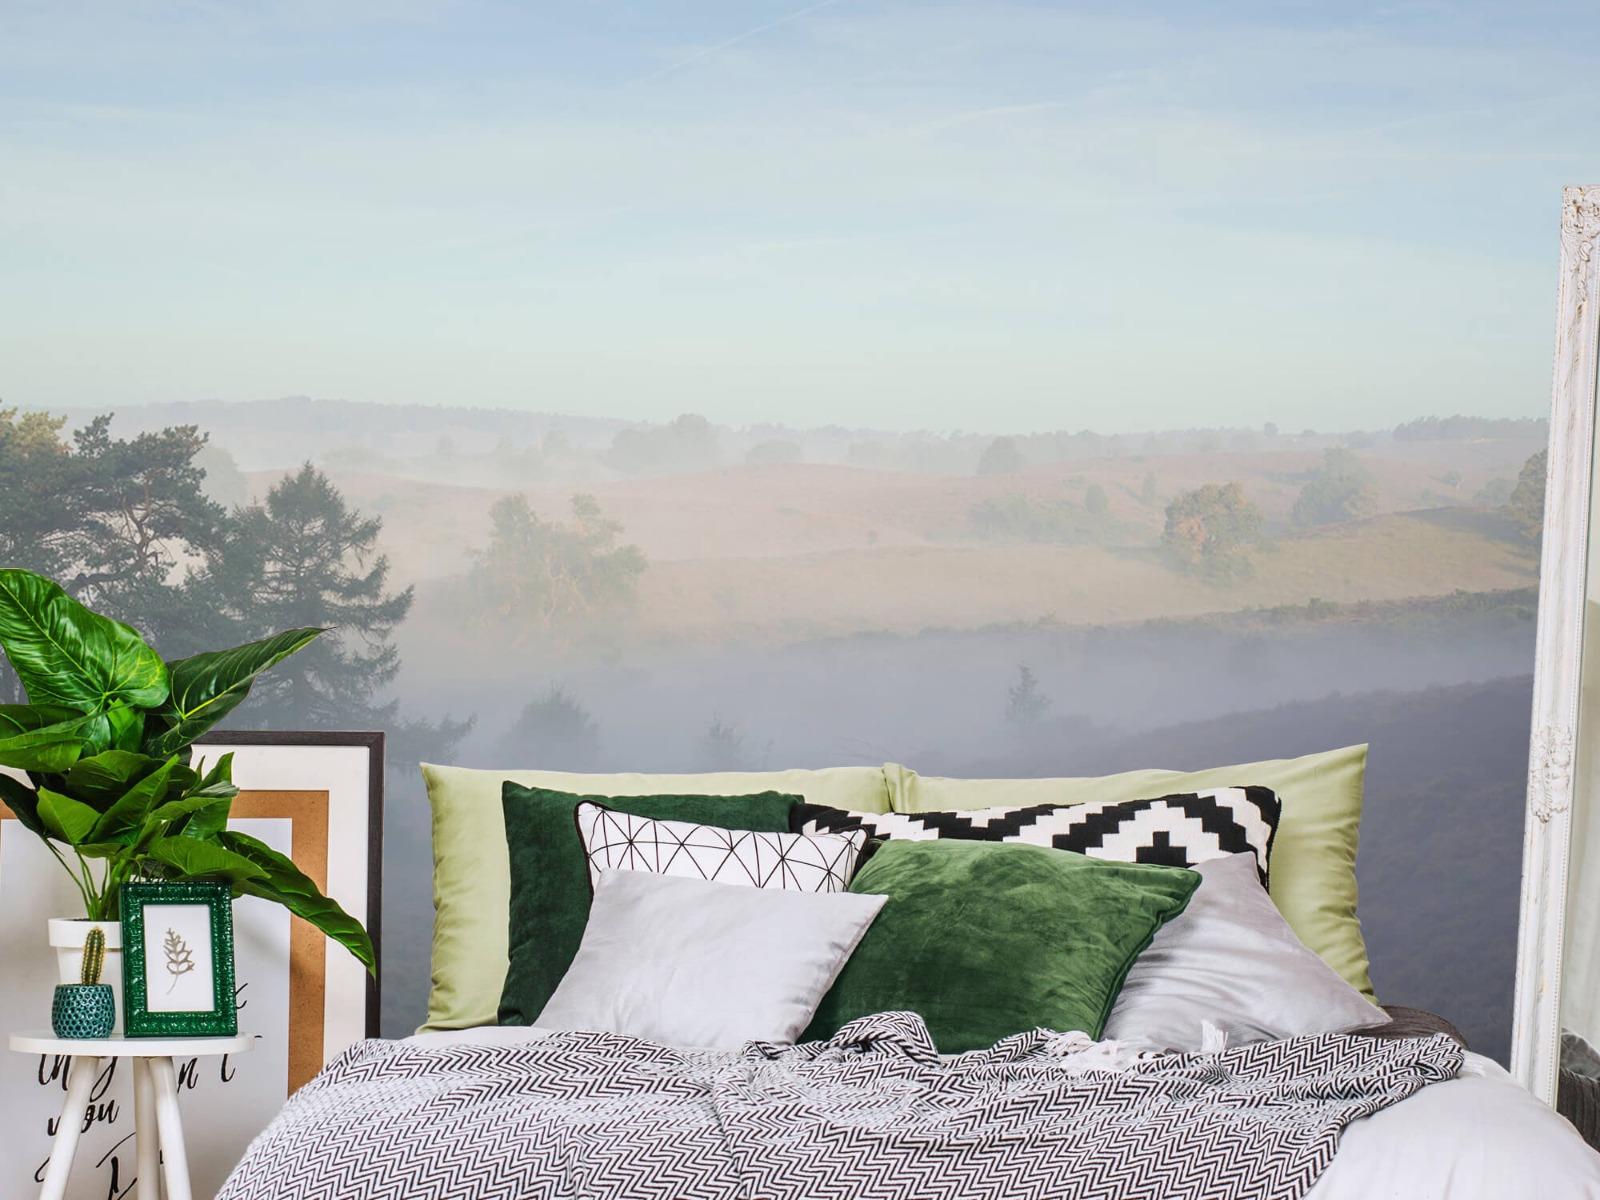 Landschap - Mist op de hei - Slaapkamer 12